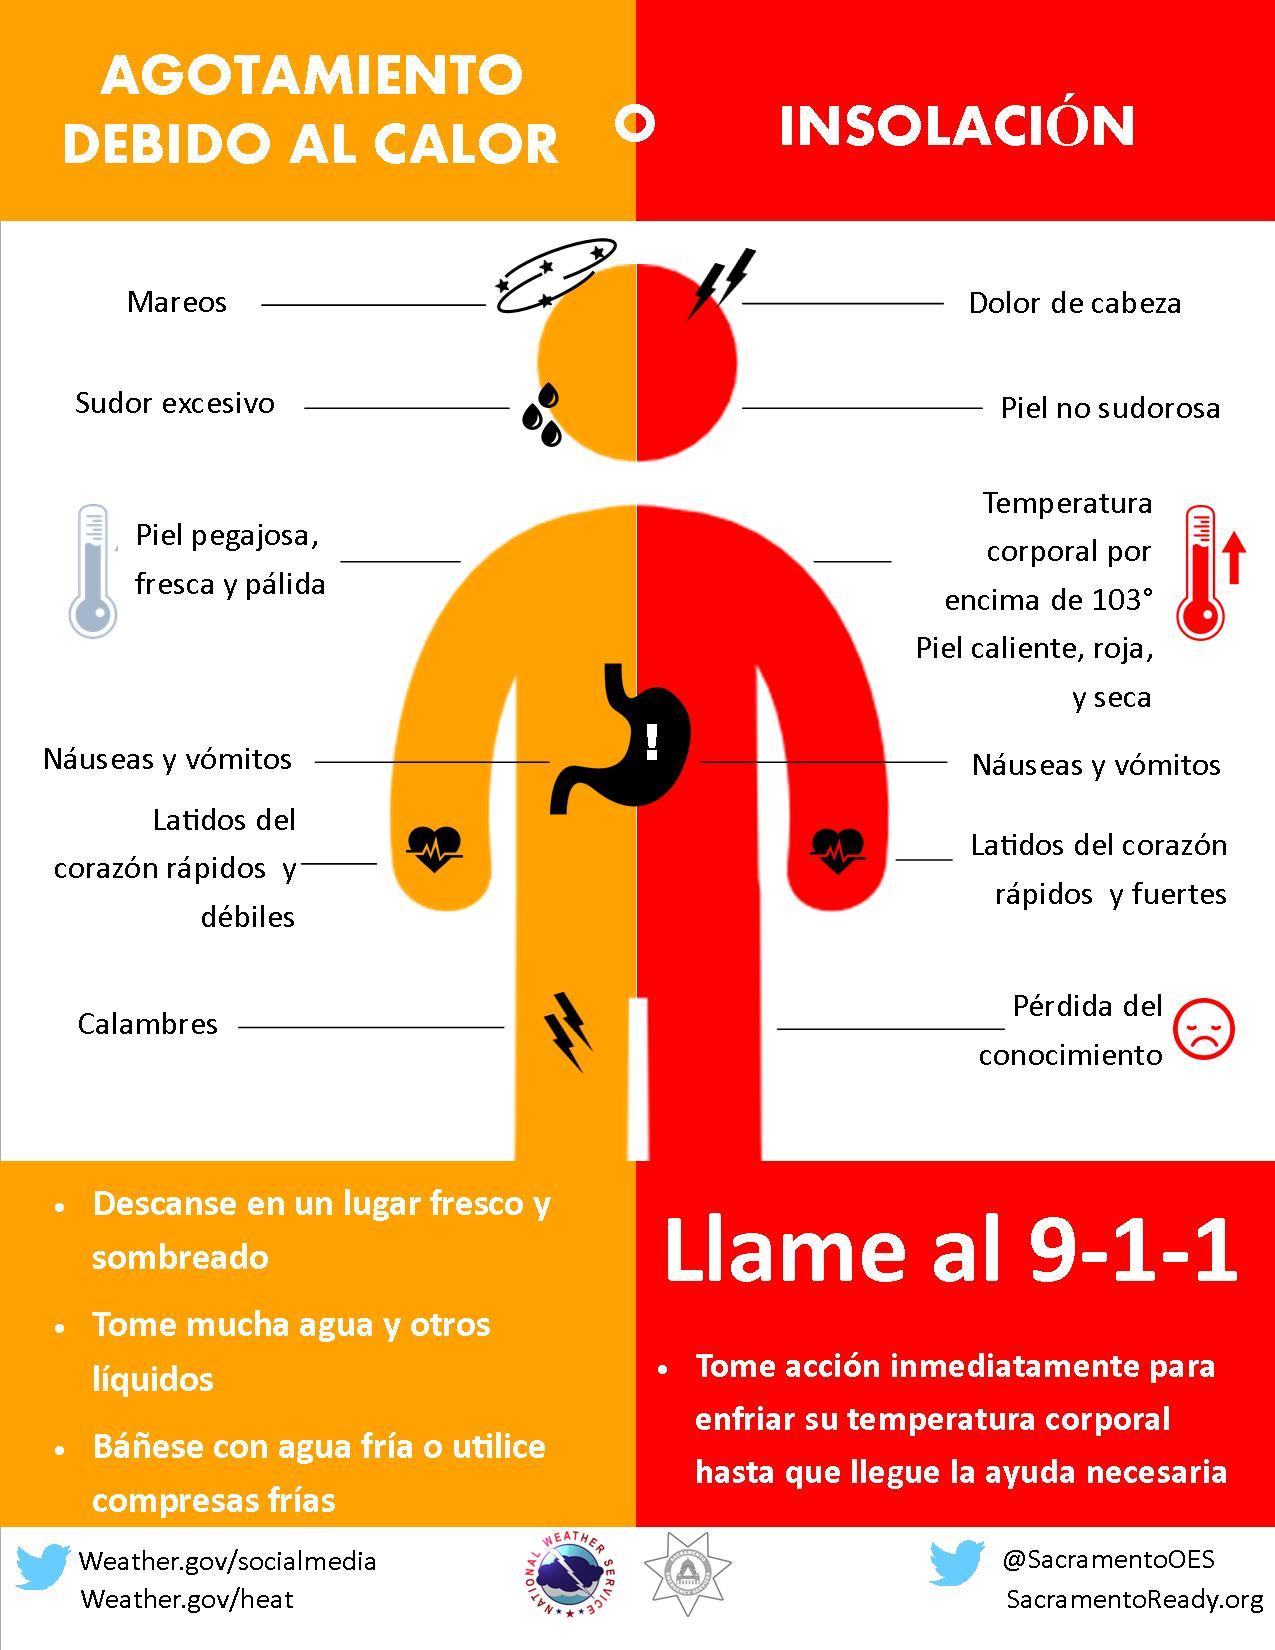 Haga clic en la imagen para ampliar. (Source:Servicio Nacional de Meteorología)